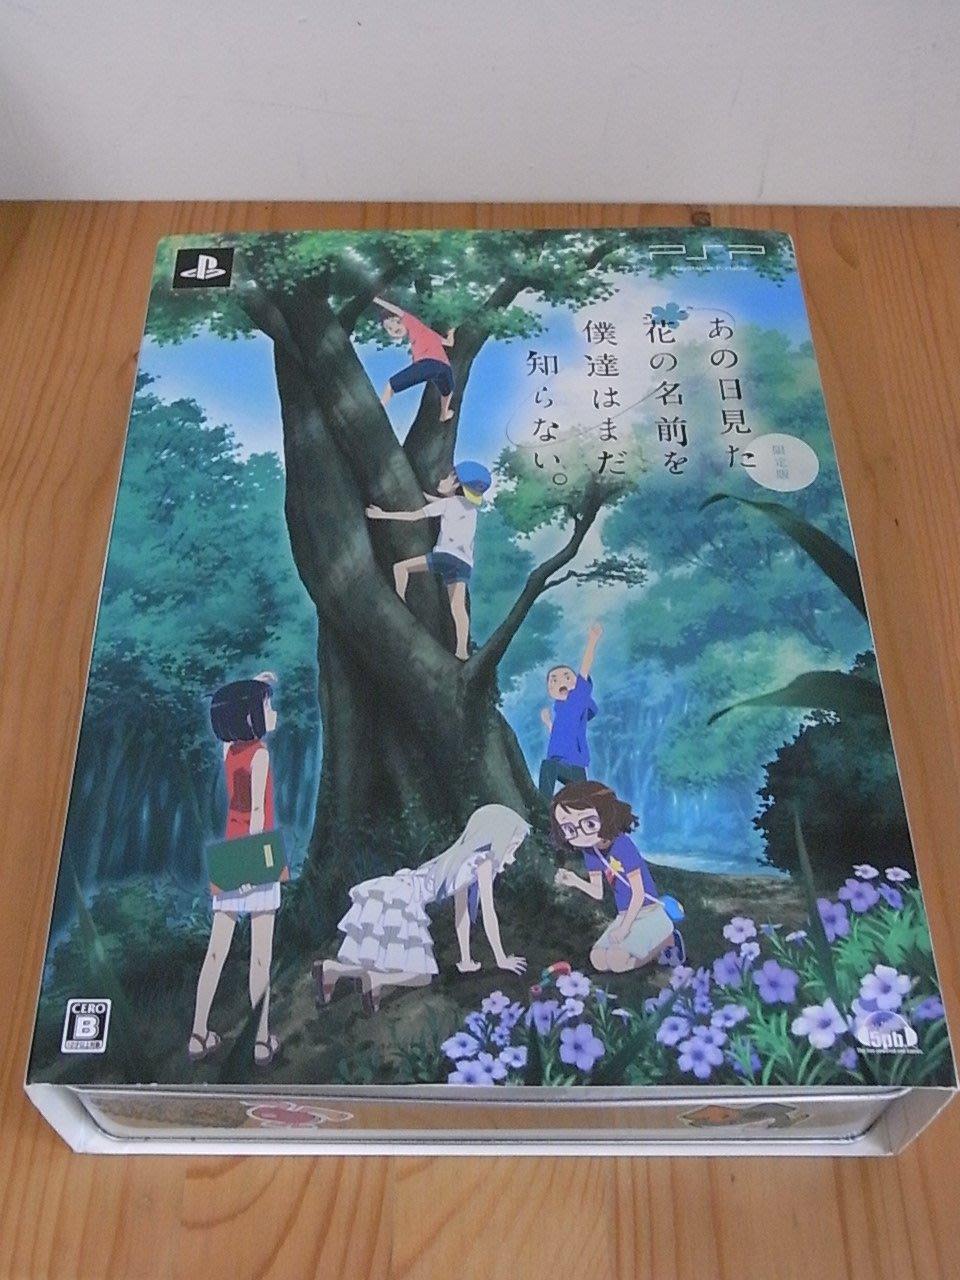 【小蕙館】PSP~ 我們仍未知道那天所看見的花名 ~ 限定版 (純日版)